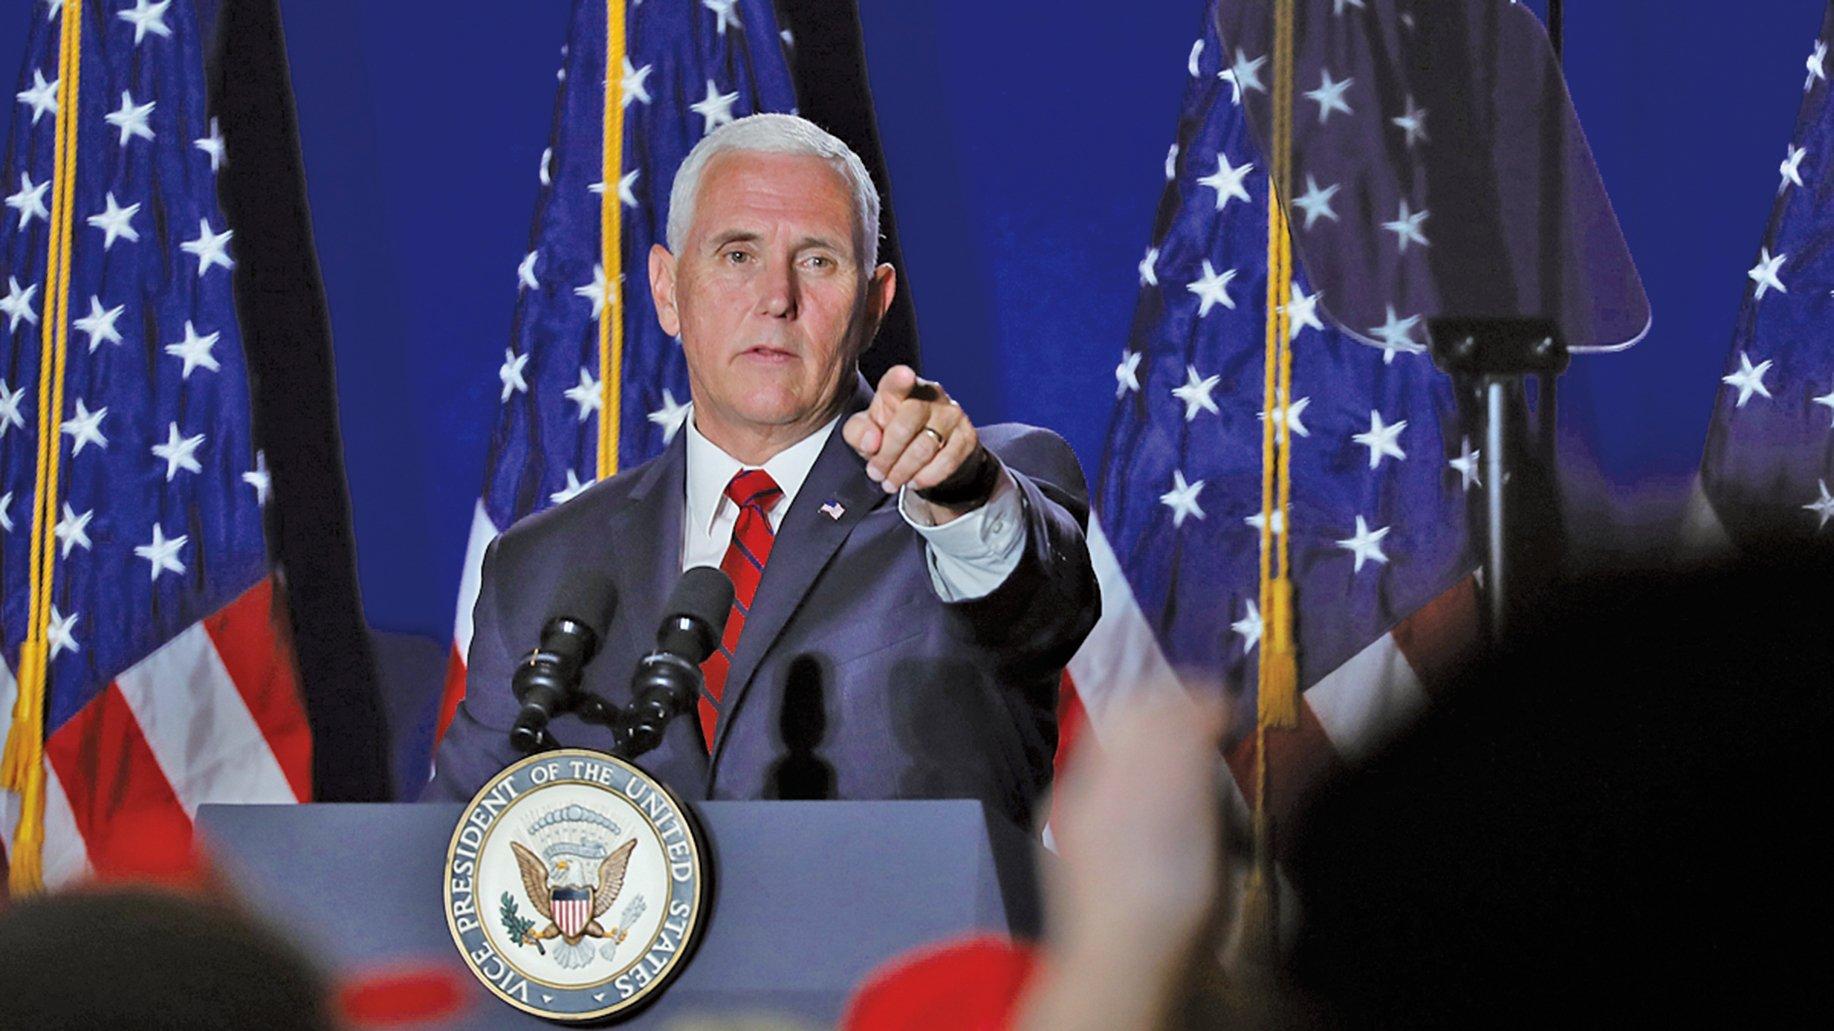 美國副總統彭斯(Mike Pence)日前會見了4名受邀參加「國際宗教自由圓桌會議」的成員。他表示,美國正考慮制裁一批侵犯人權的中共高官。(Getty Images)